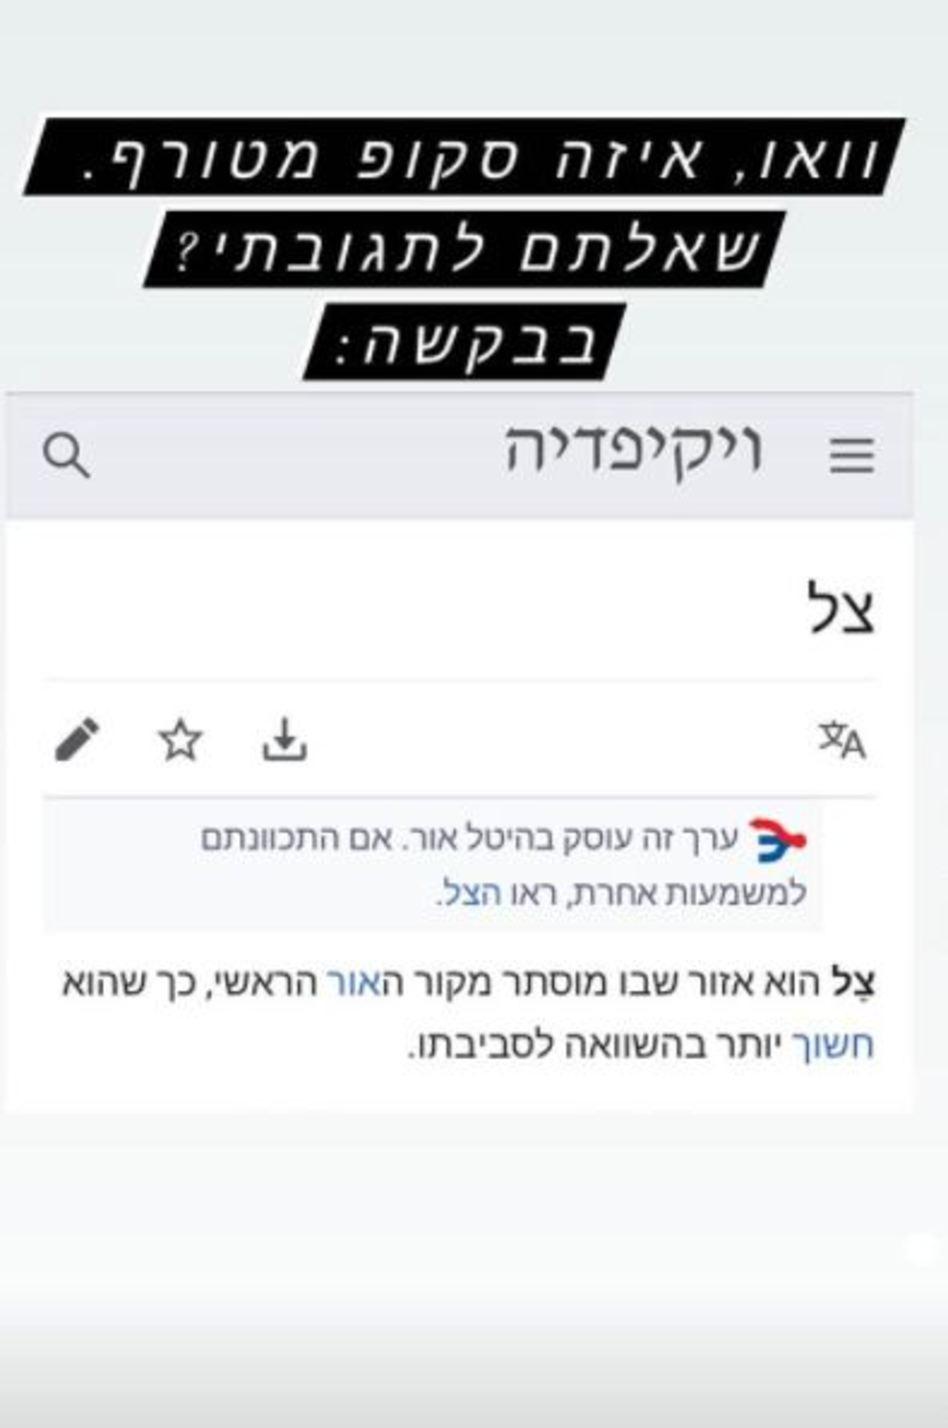 ניר אבישי כהן מגיב לצל (צילום: צילום מסך אינסטגרם)